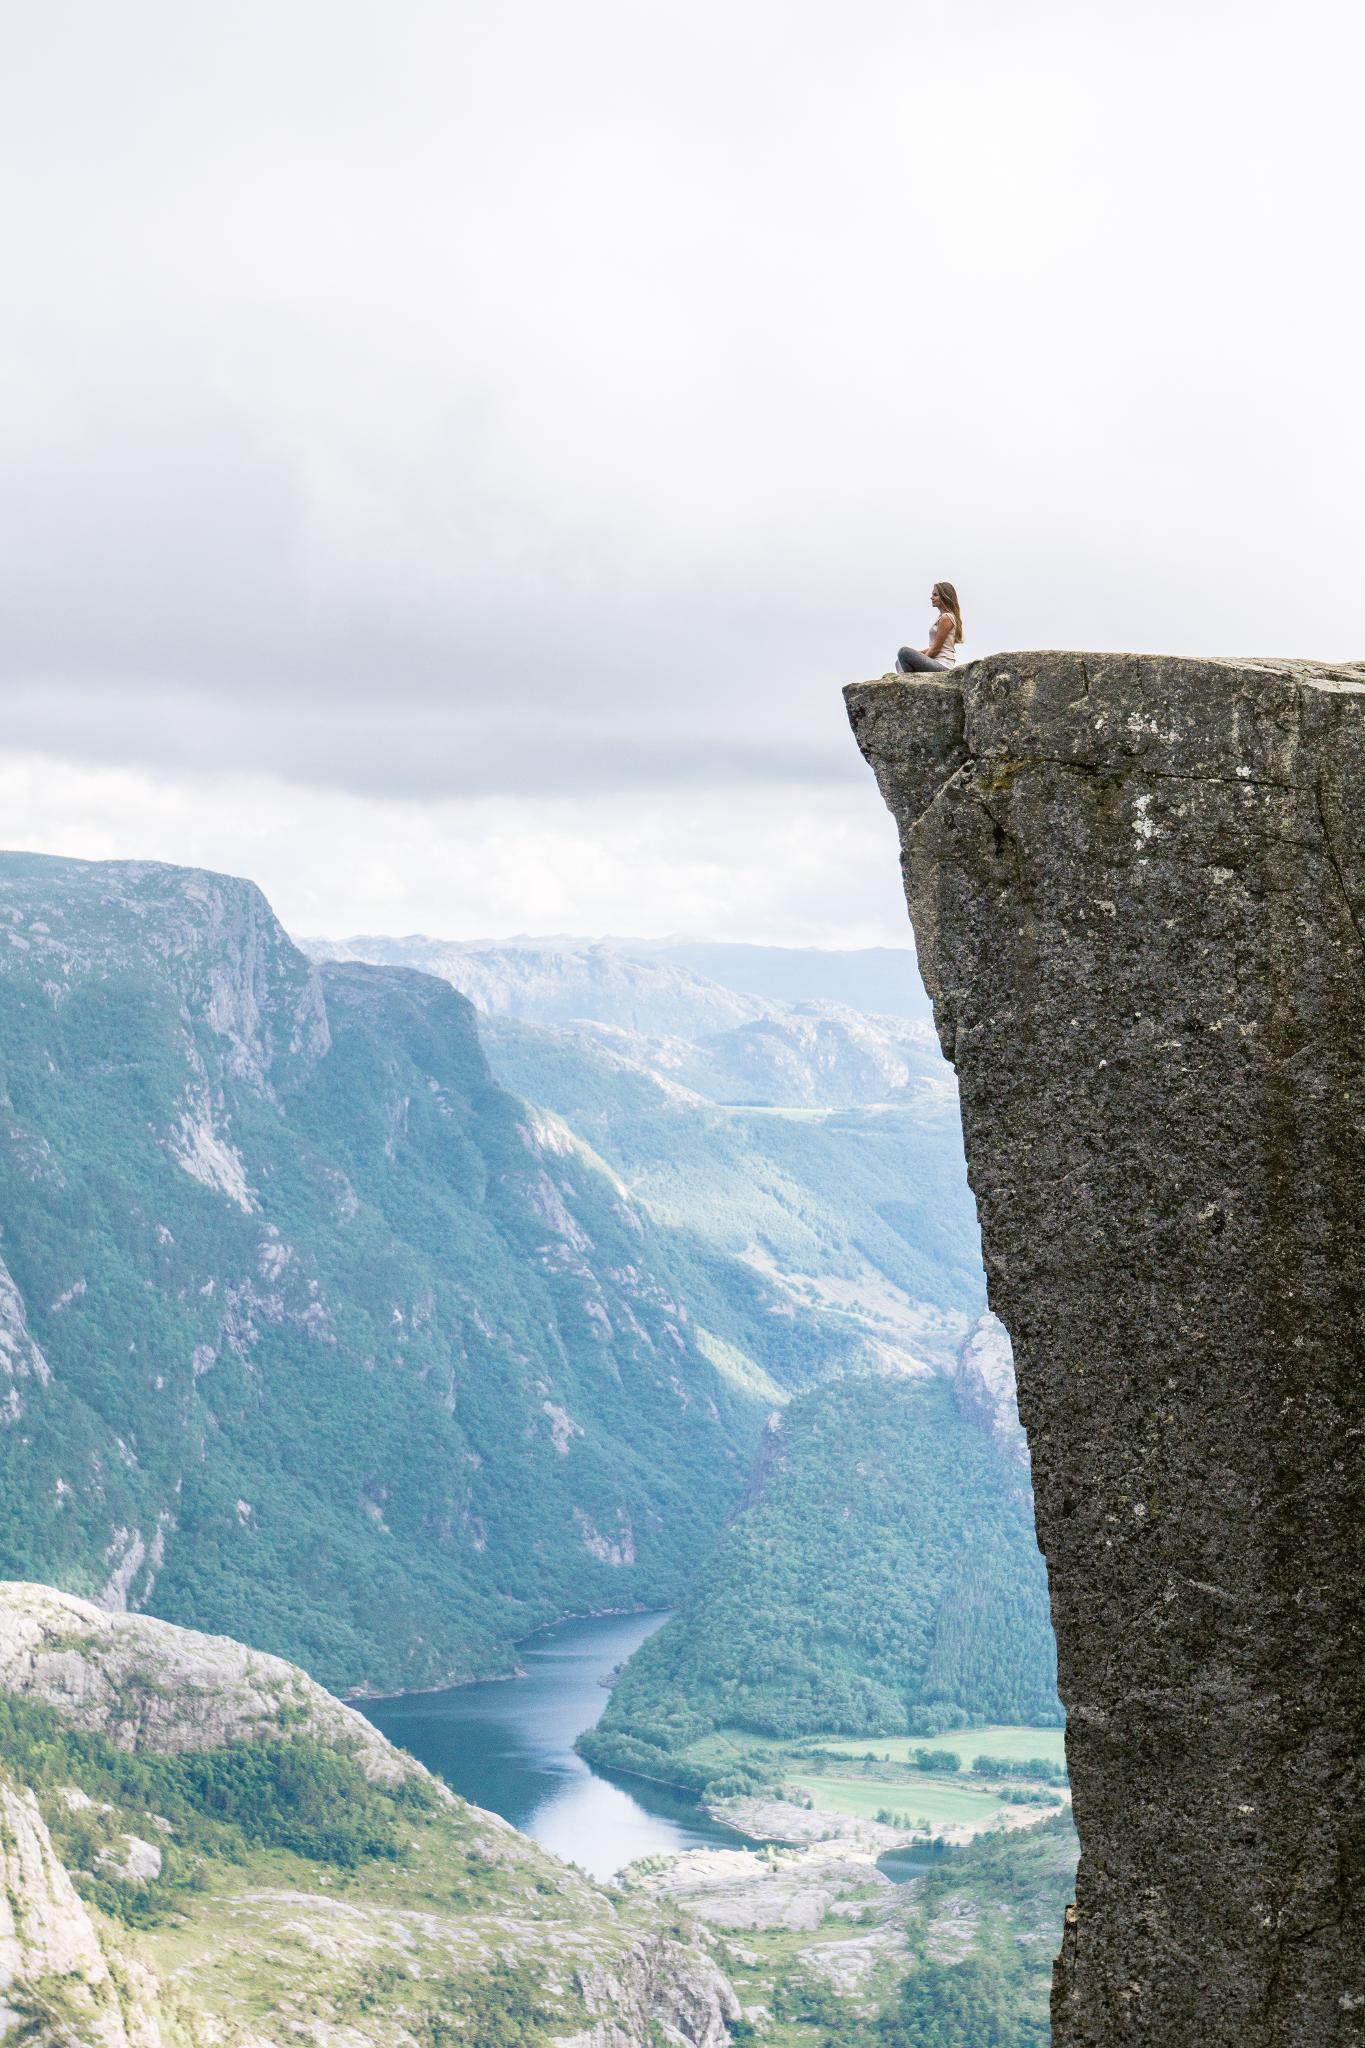 【北歐景點】朝聖挪威三大奇岩:聖壇岩Preikestolen健行紀錄 42